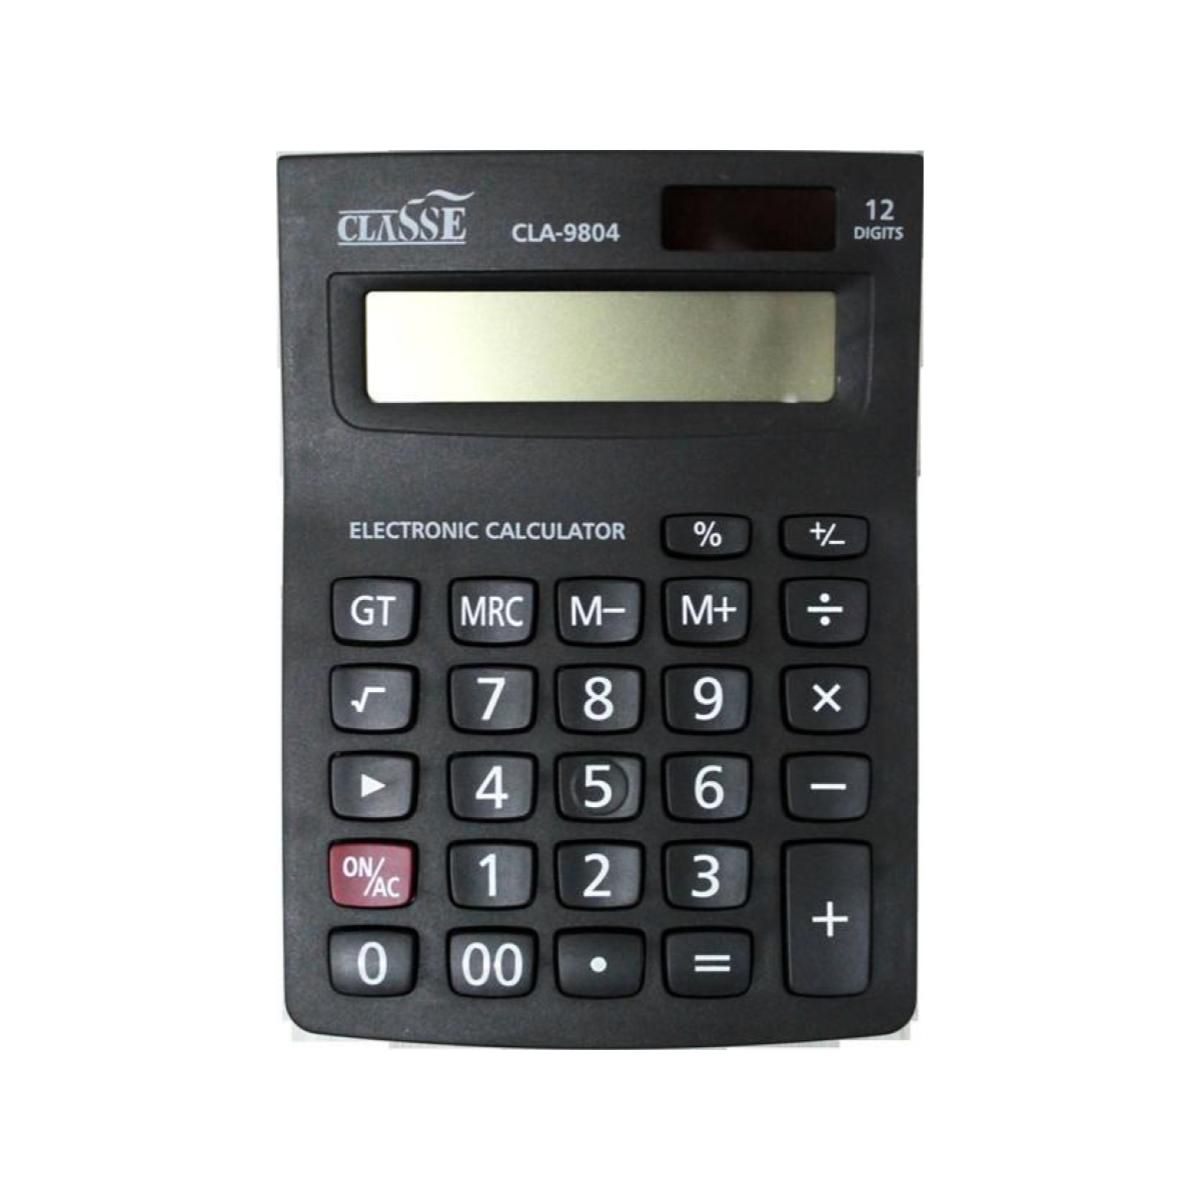 Calculadora Cla-9804 12 Dígitos Classe